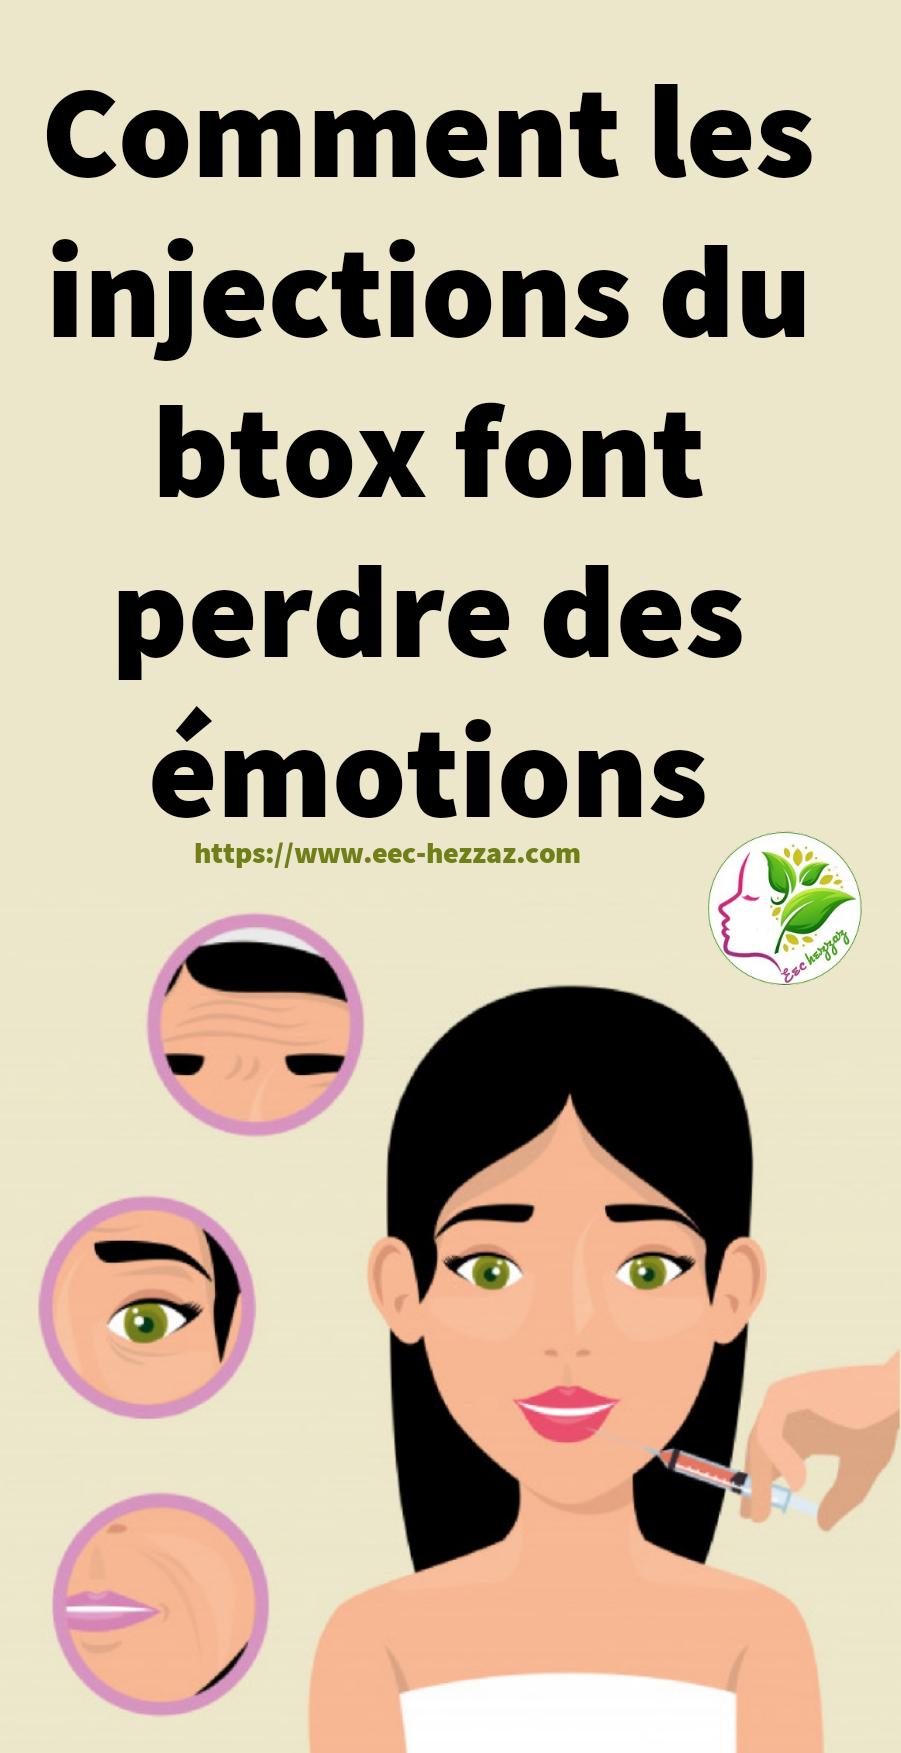 Comment les injections du btox font perdre des émotions